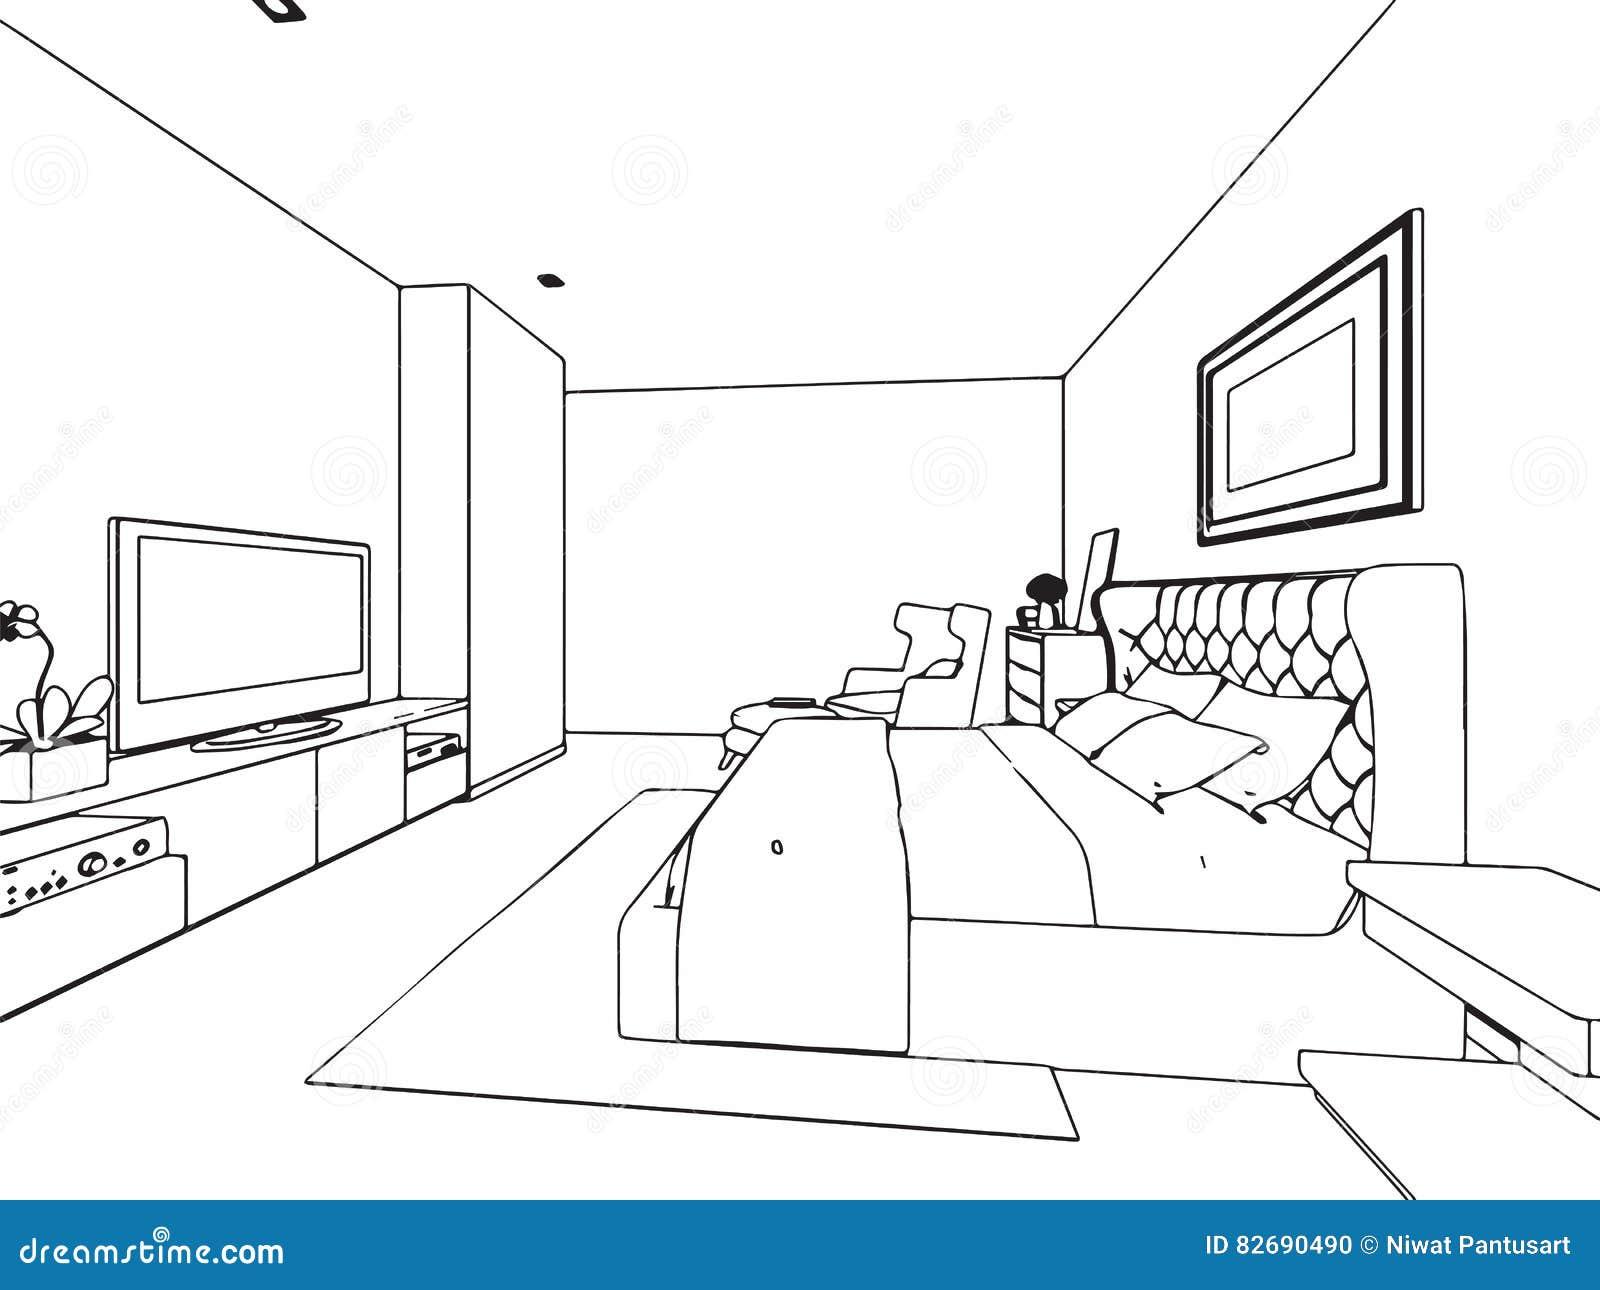 Dessin Perspective Intérieure : Perspective intérieure de dessin croquis d ensemble